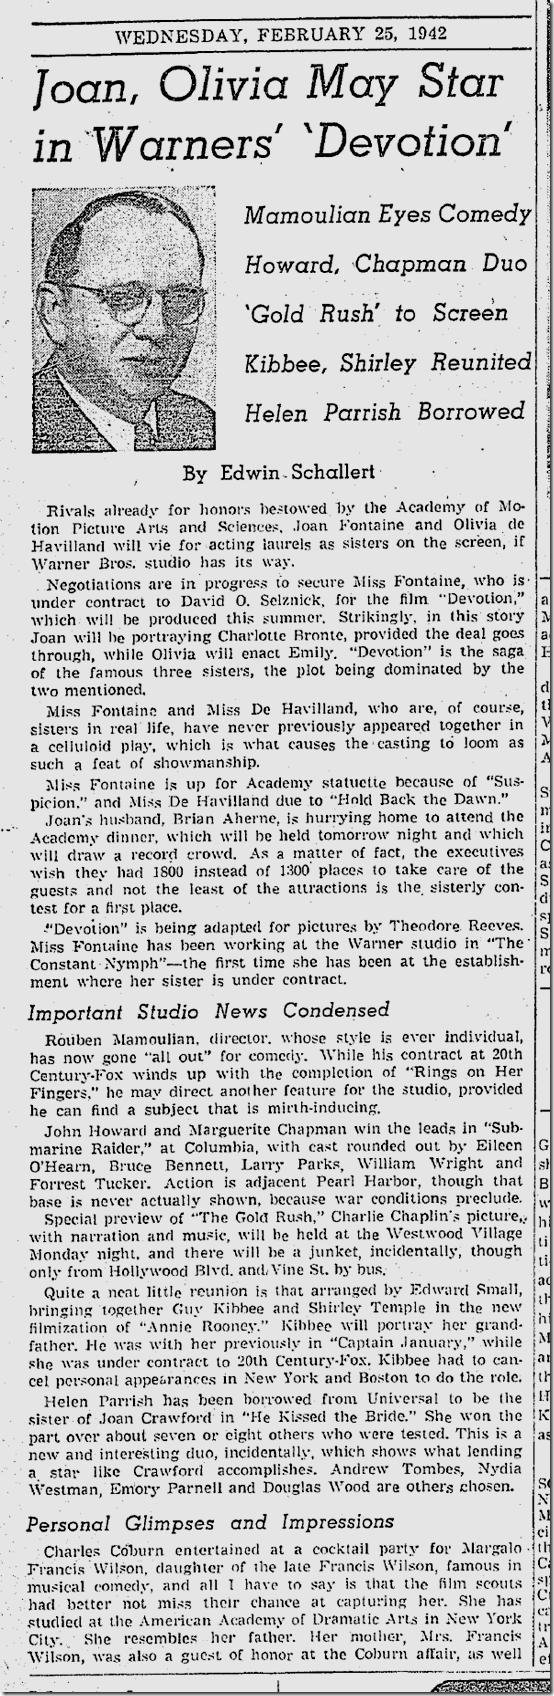 Feb. 25, 1942, Edwin Schallert